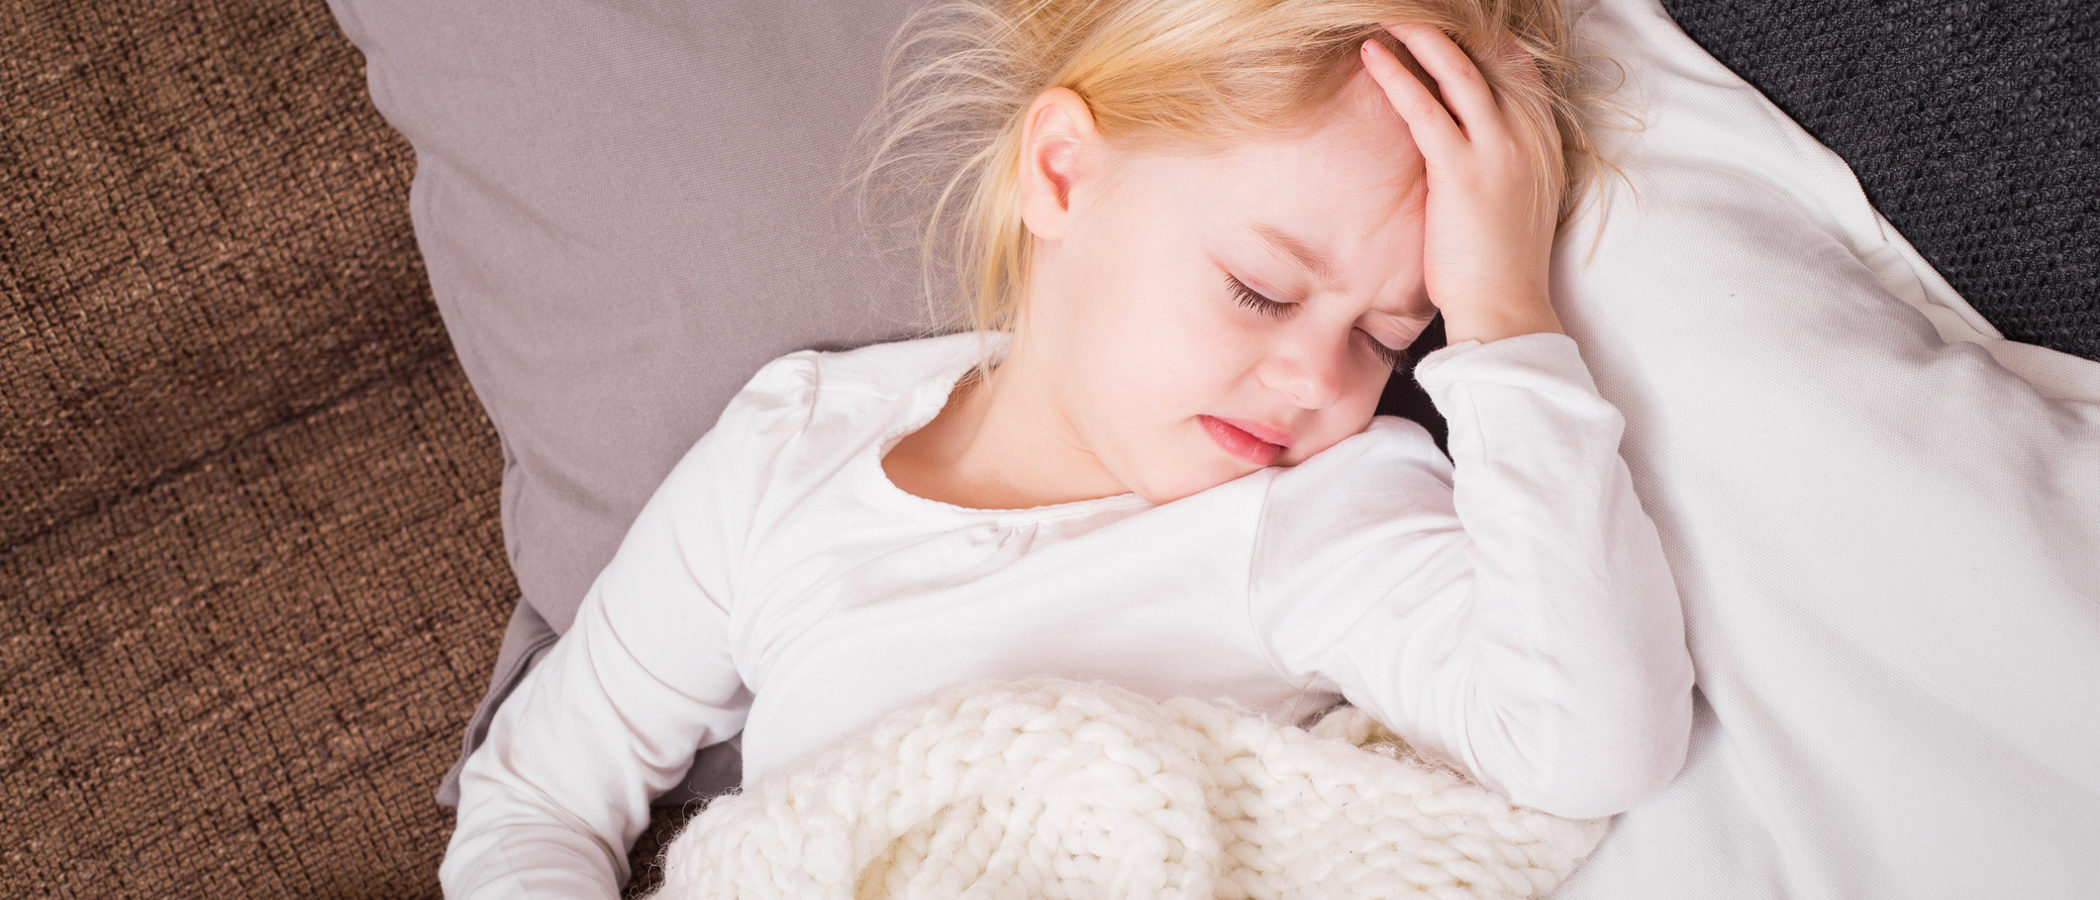 Anafilaxia en niños, ¿cómo actuar?